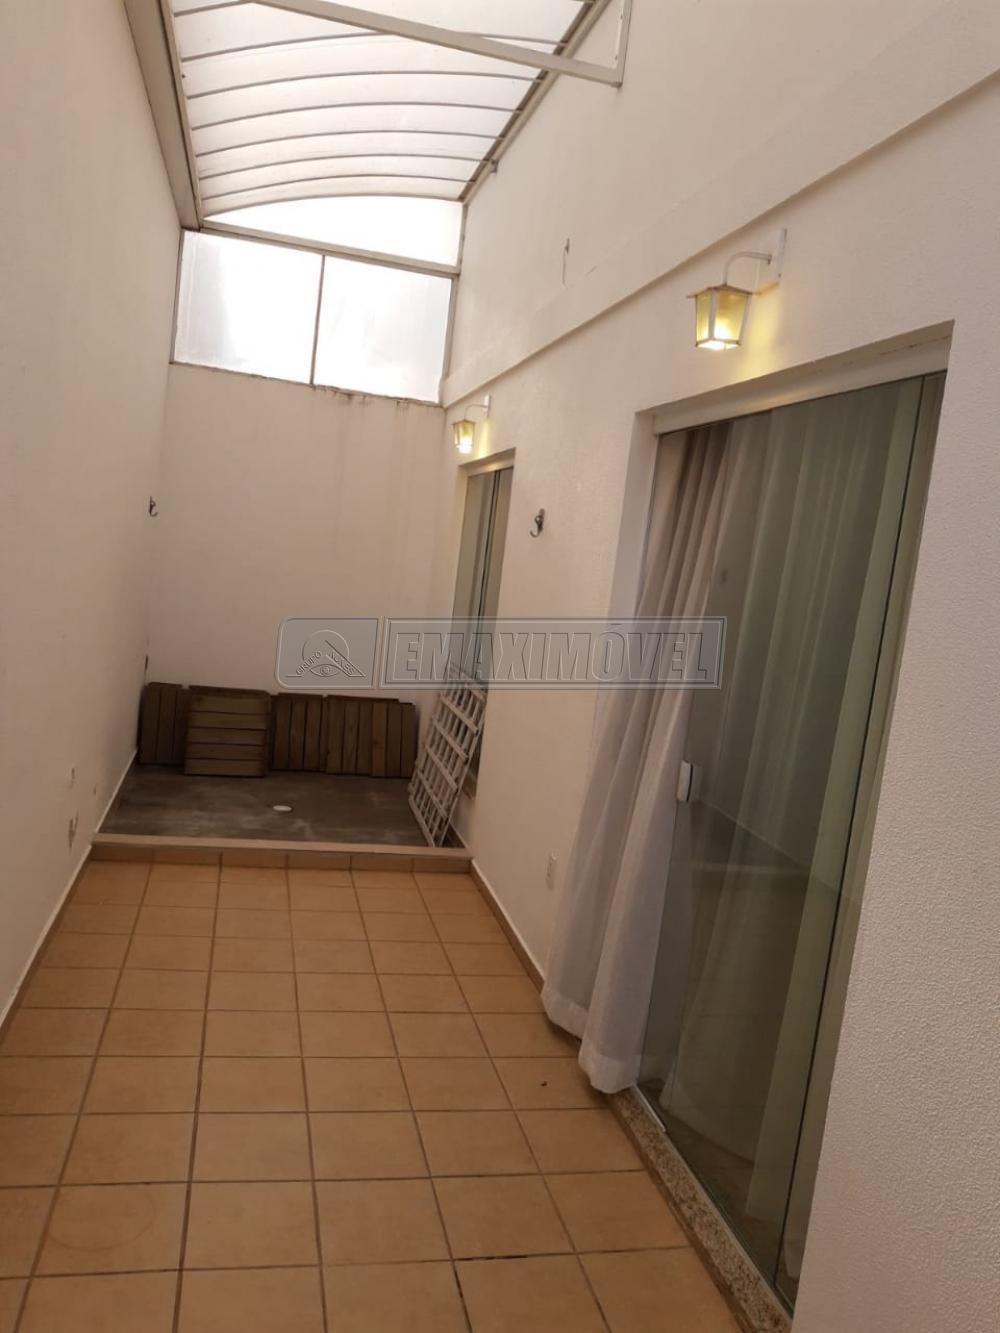 Alugar Casas / em Condomínios em Sorocaba apenas R$ 2.500,00 - Foto 24